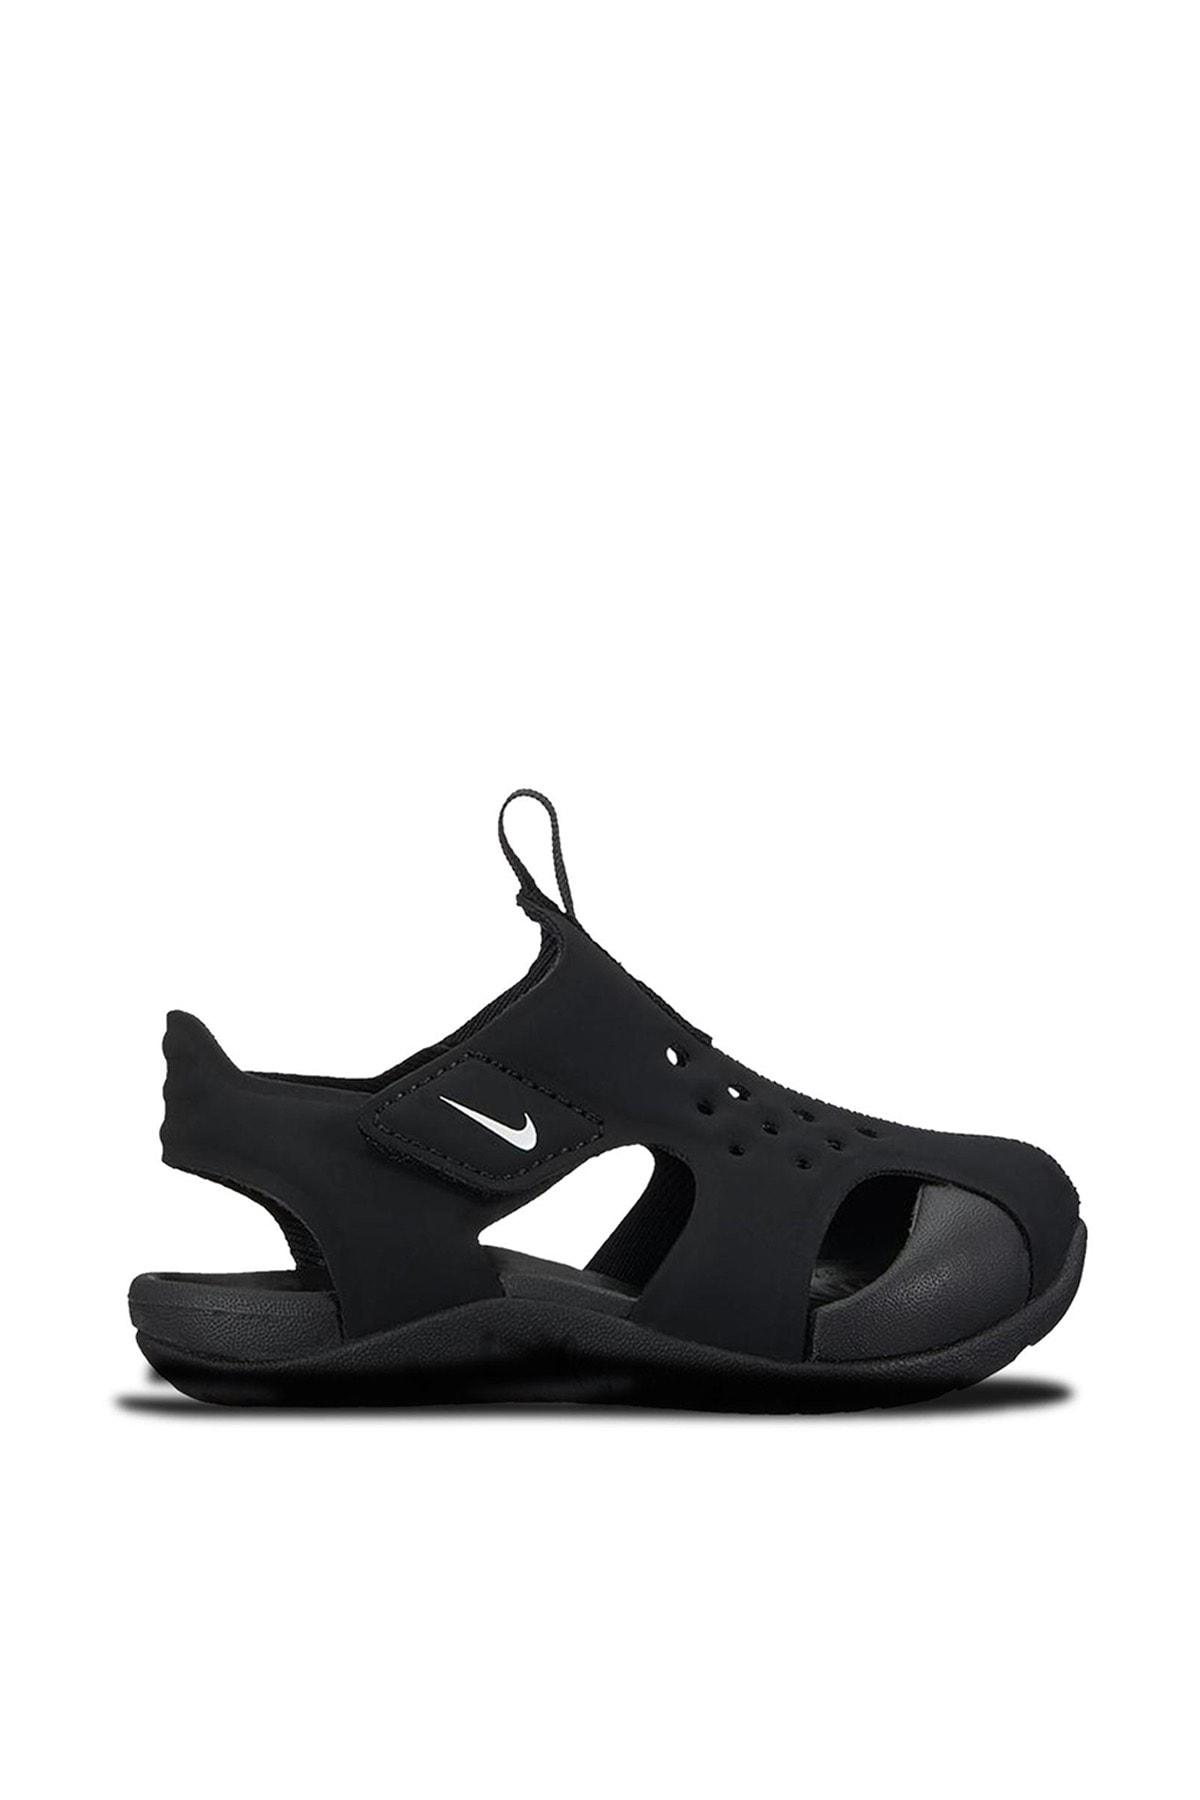 Siyah 943827-001 Sunray Protect 2 Havuz Deniz Bebek Sandalet